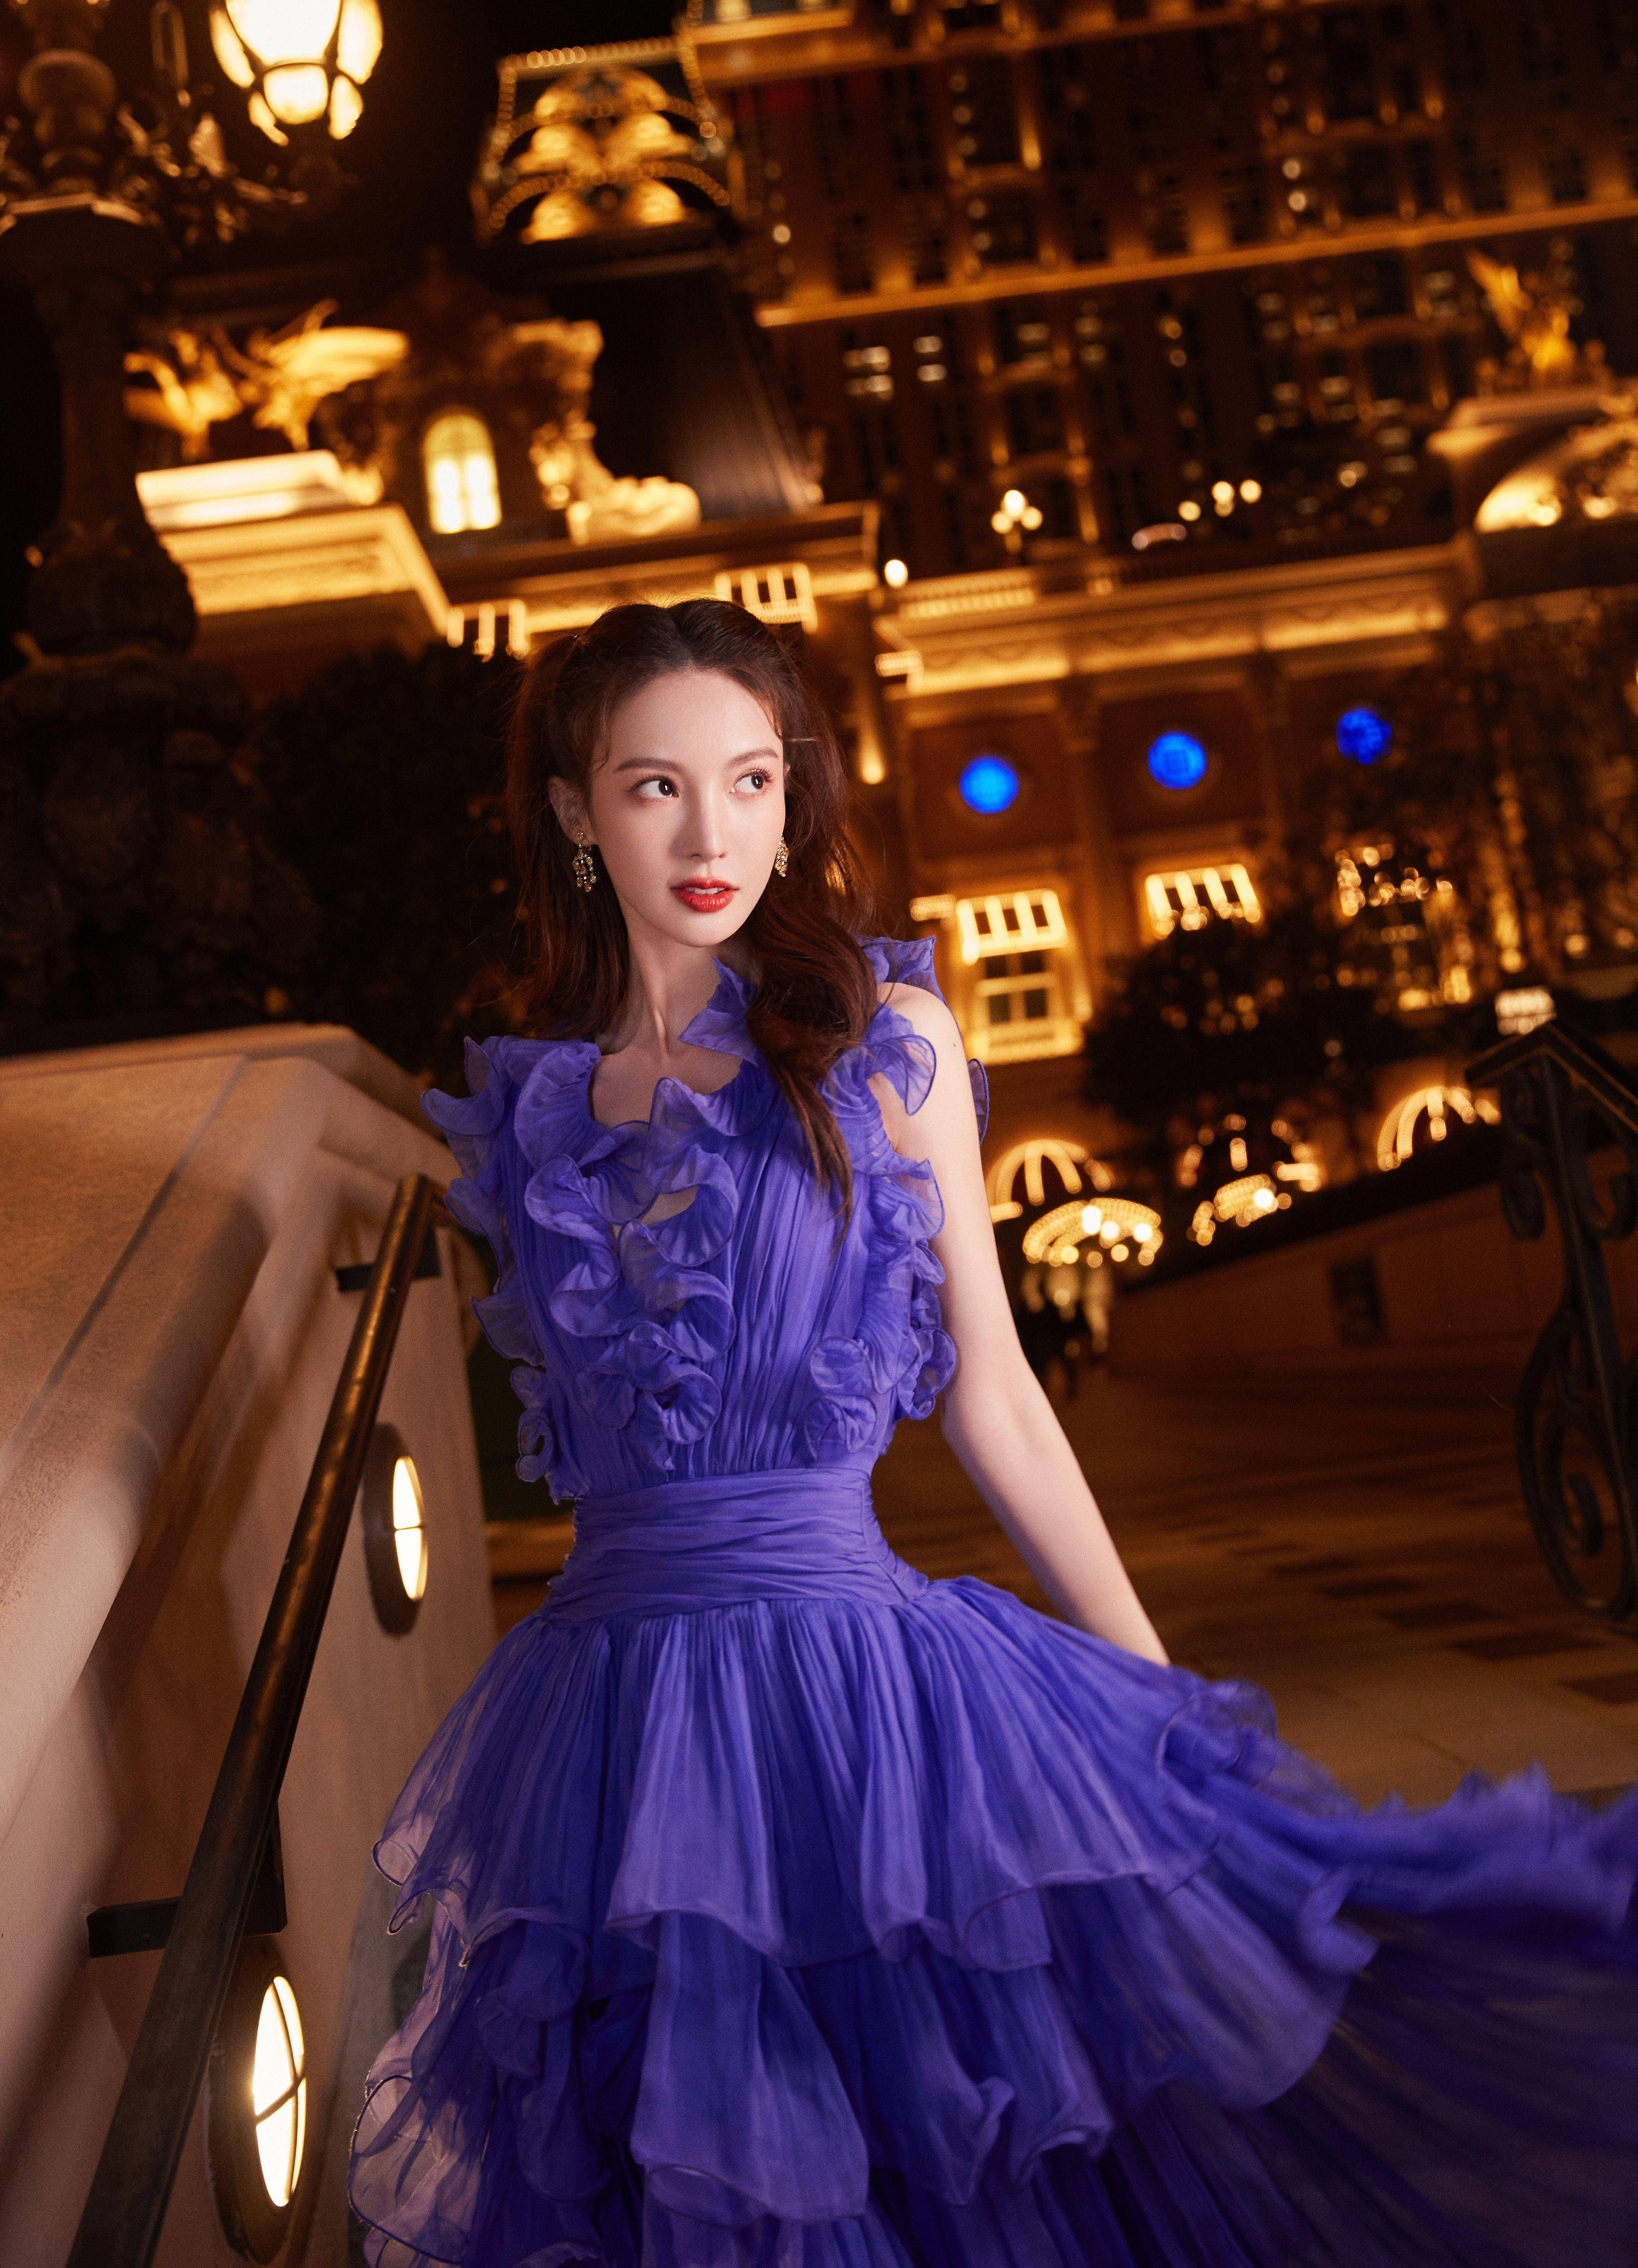 """金晨跨年造型""""紫气东来"""",繁花长裙金光璀璨,回眸一笑明艳动人"""